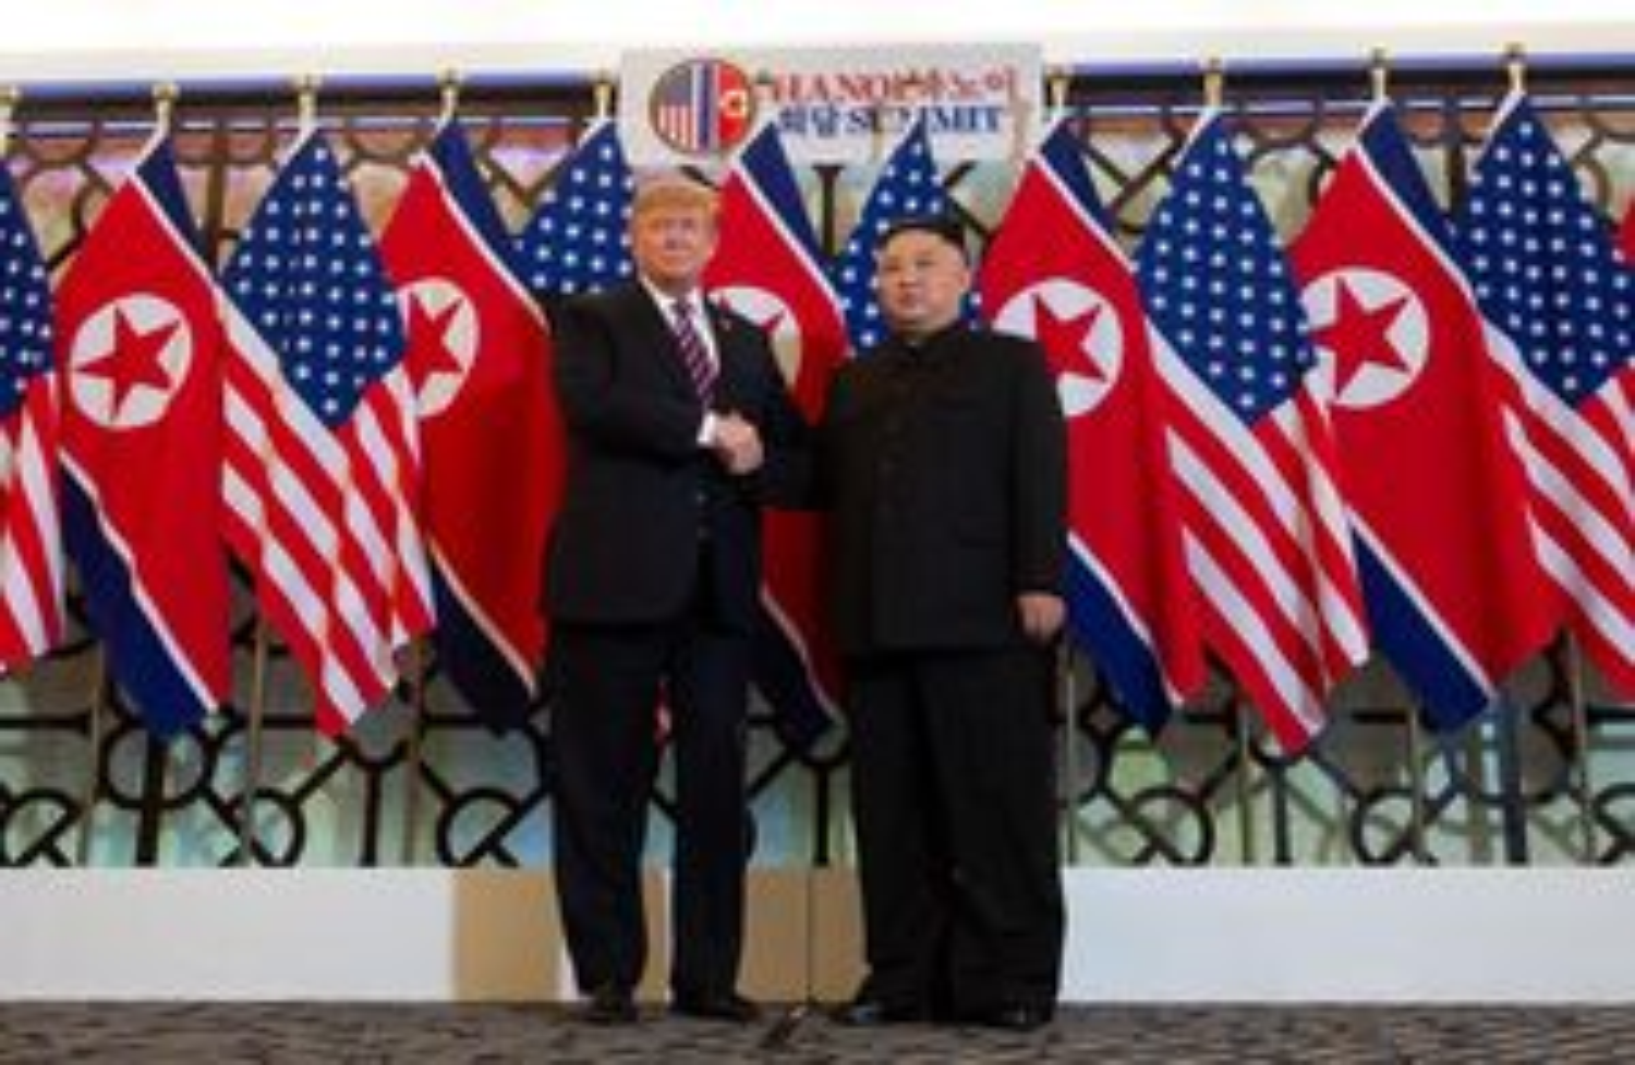 Tổng thống Mỹ tuyên bố sẽ có cuộc gặp khác với nhà lãnh đạo Triều Tiên